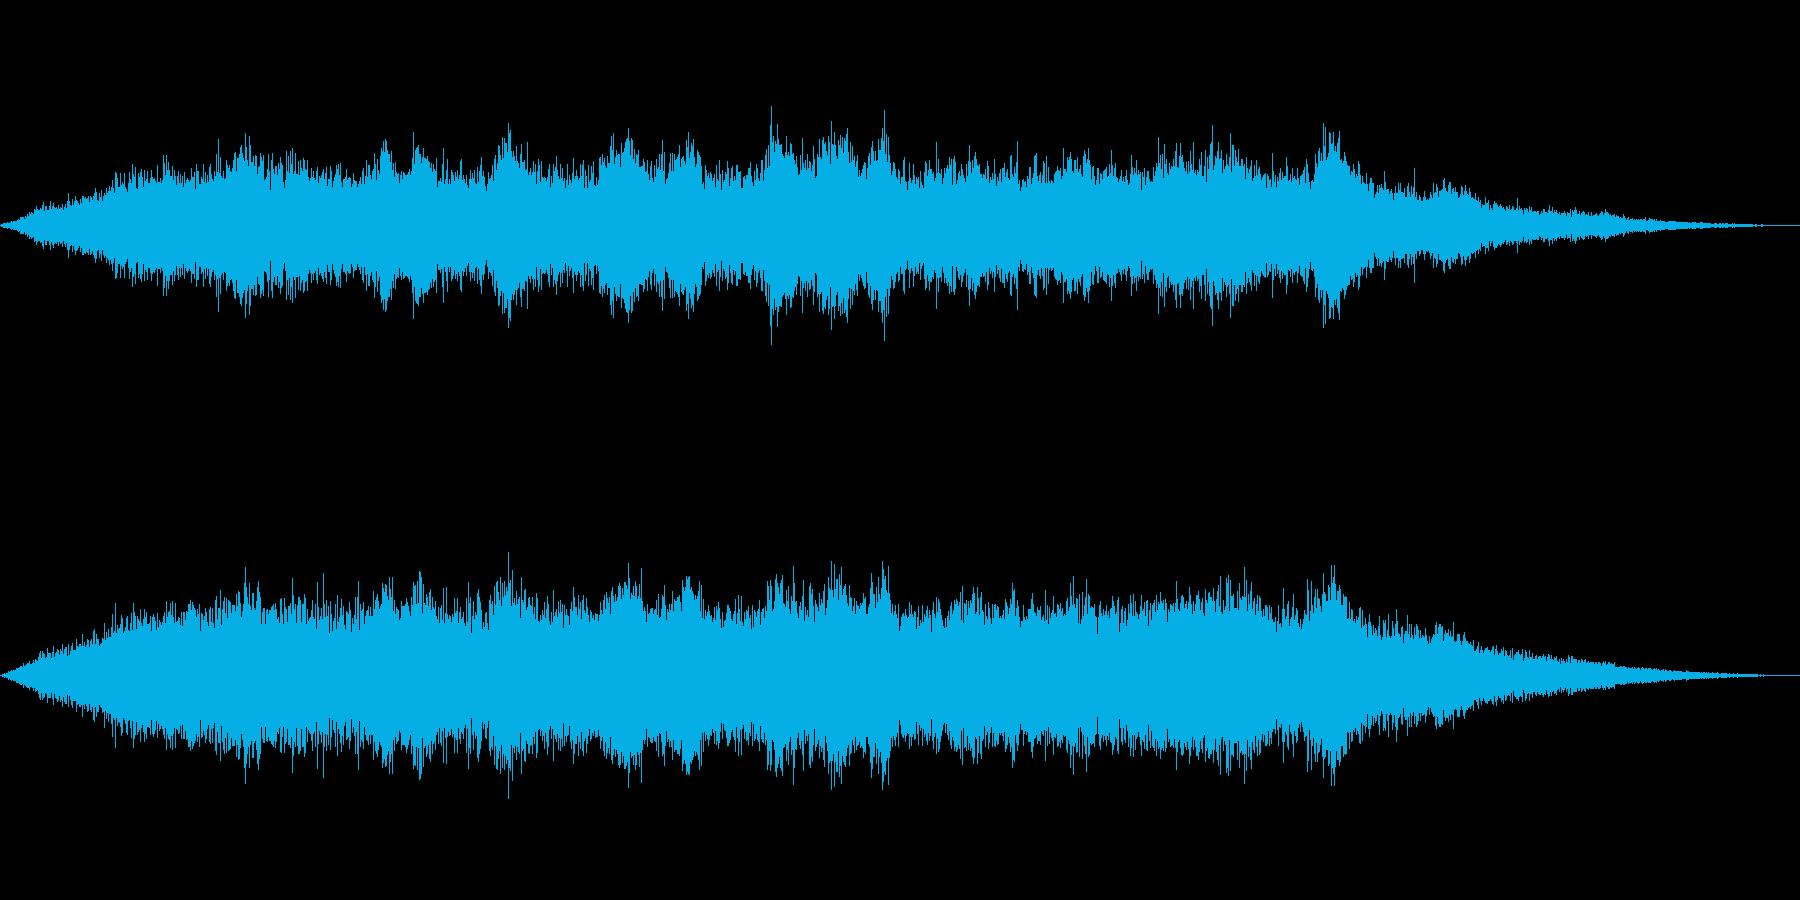 海 波 浜辺 海岸 カモメ等の環境音10の再生済みの波形